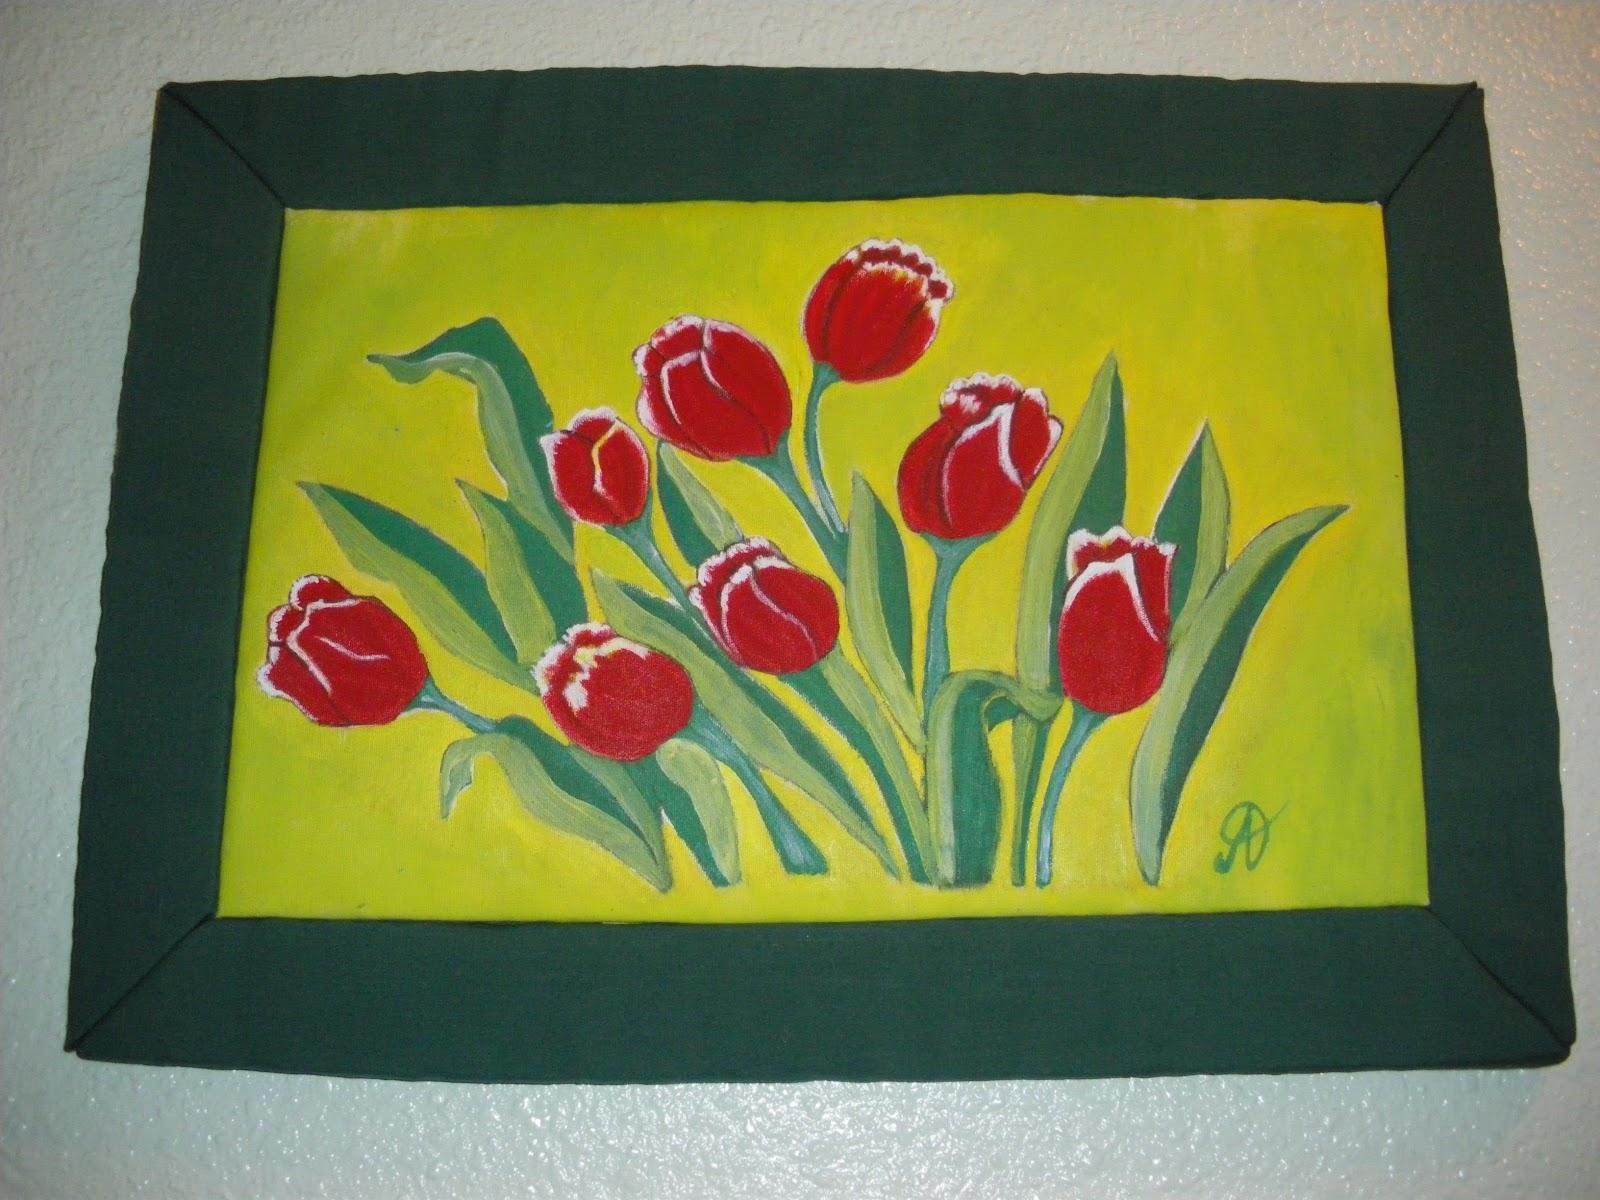 NECESIDAD DE CREAR: Cuadros pintados y enmarcados a mano.